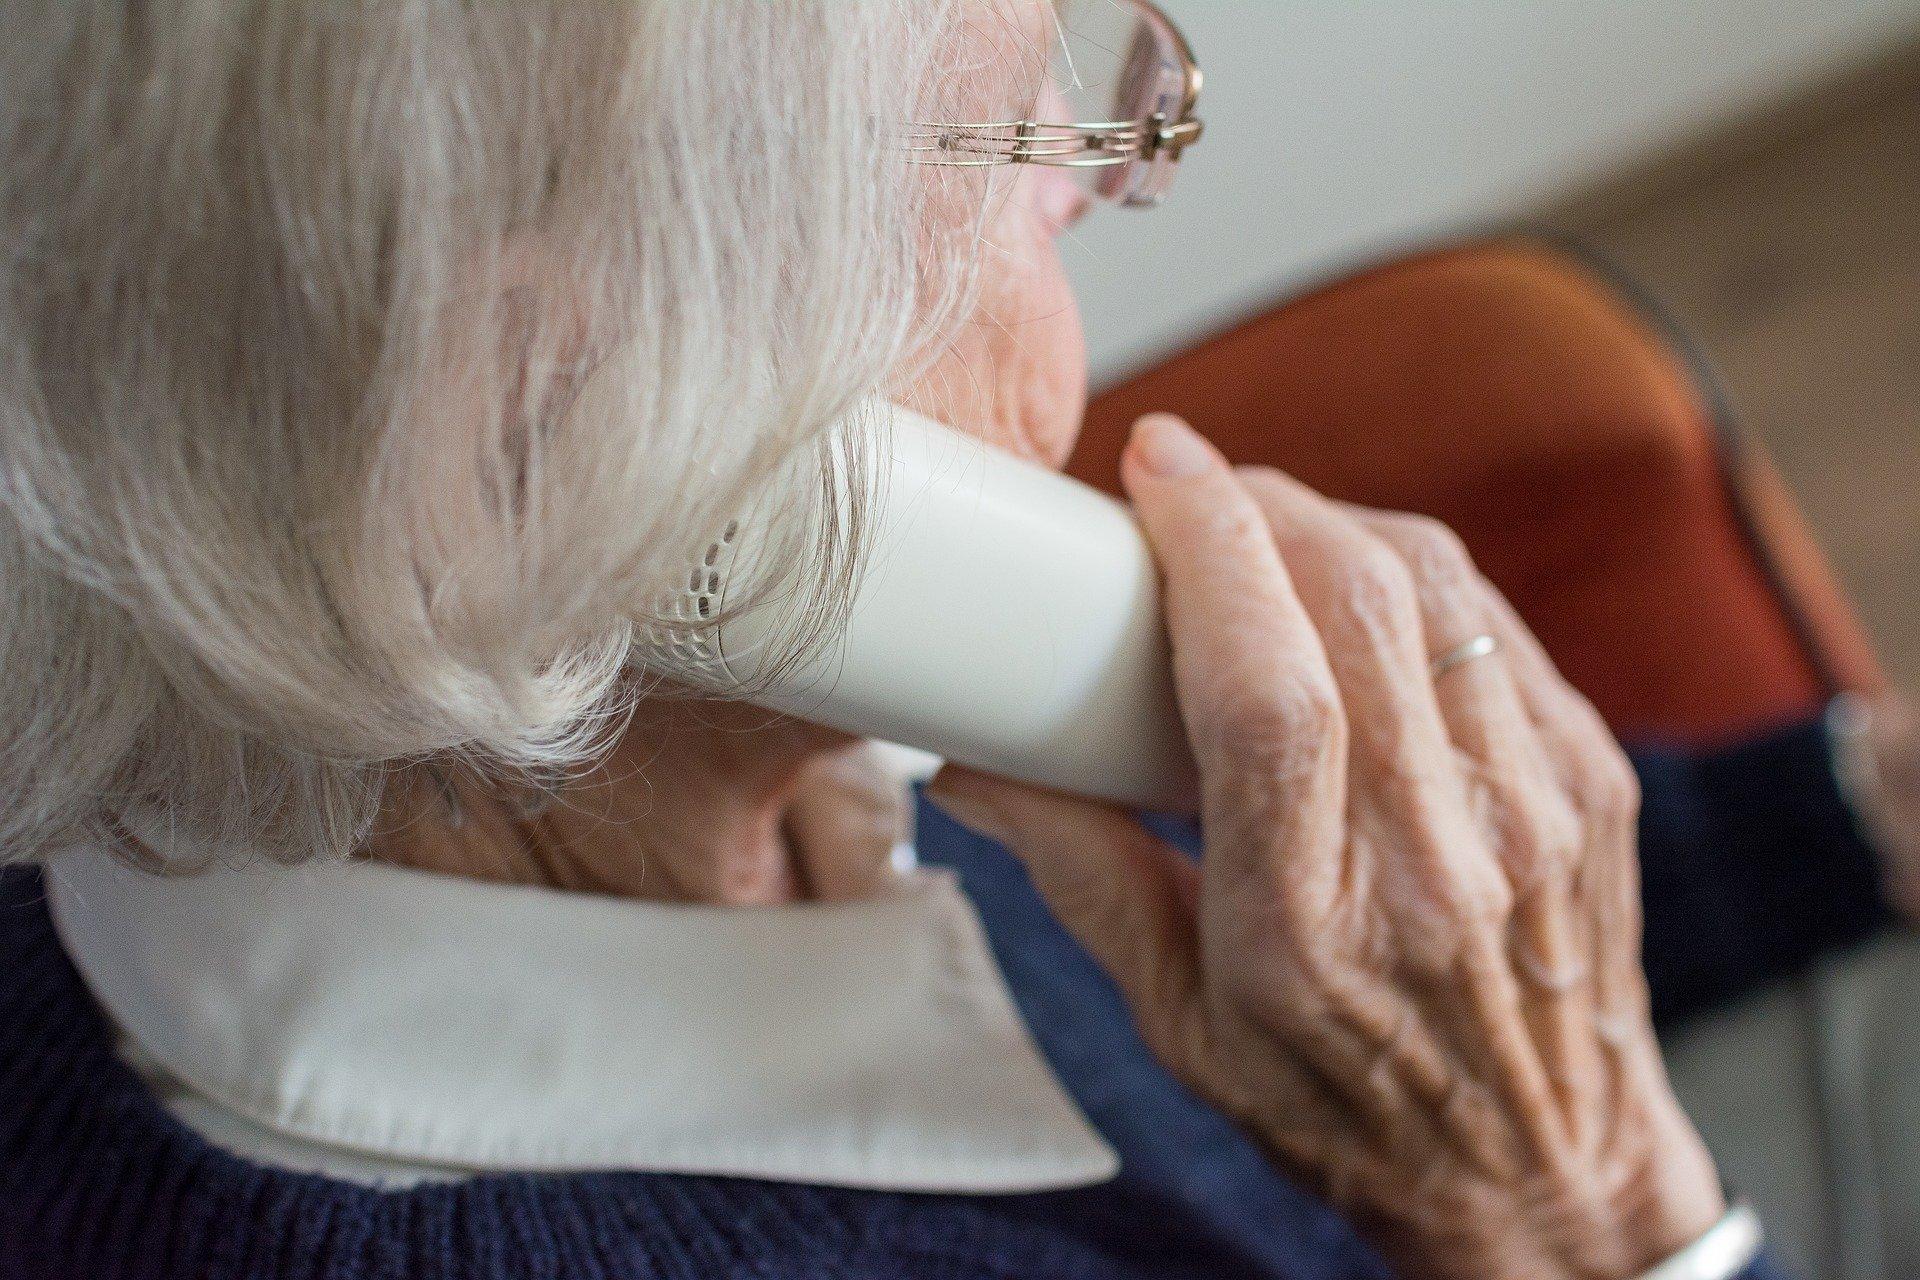 Seniori na okraji spoločnosti, samota a zlé rodinné vzťahy. Mladí sa o problémy seniorov nezaujímajú.